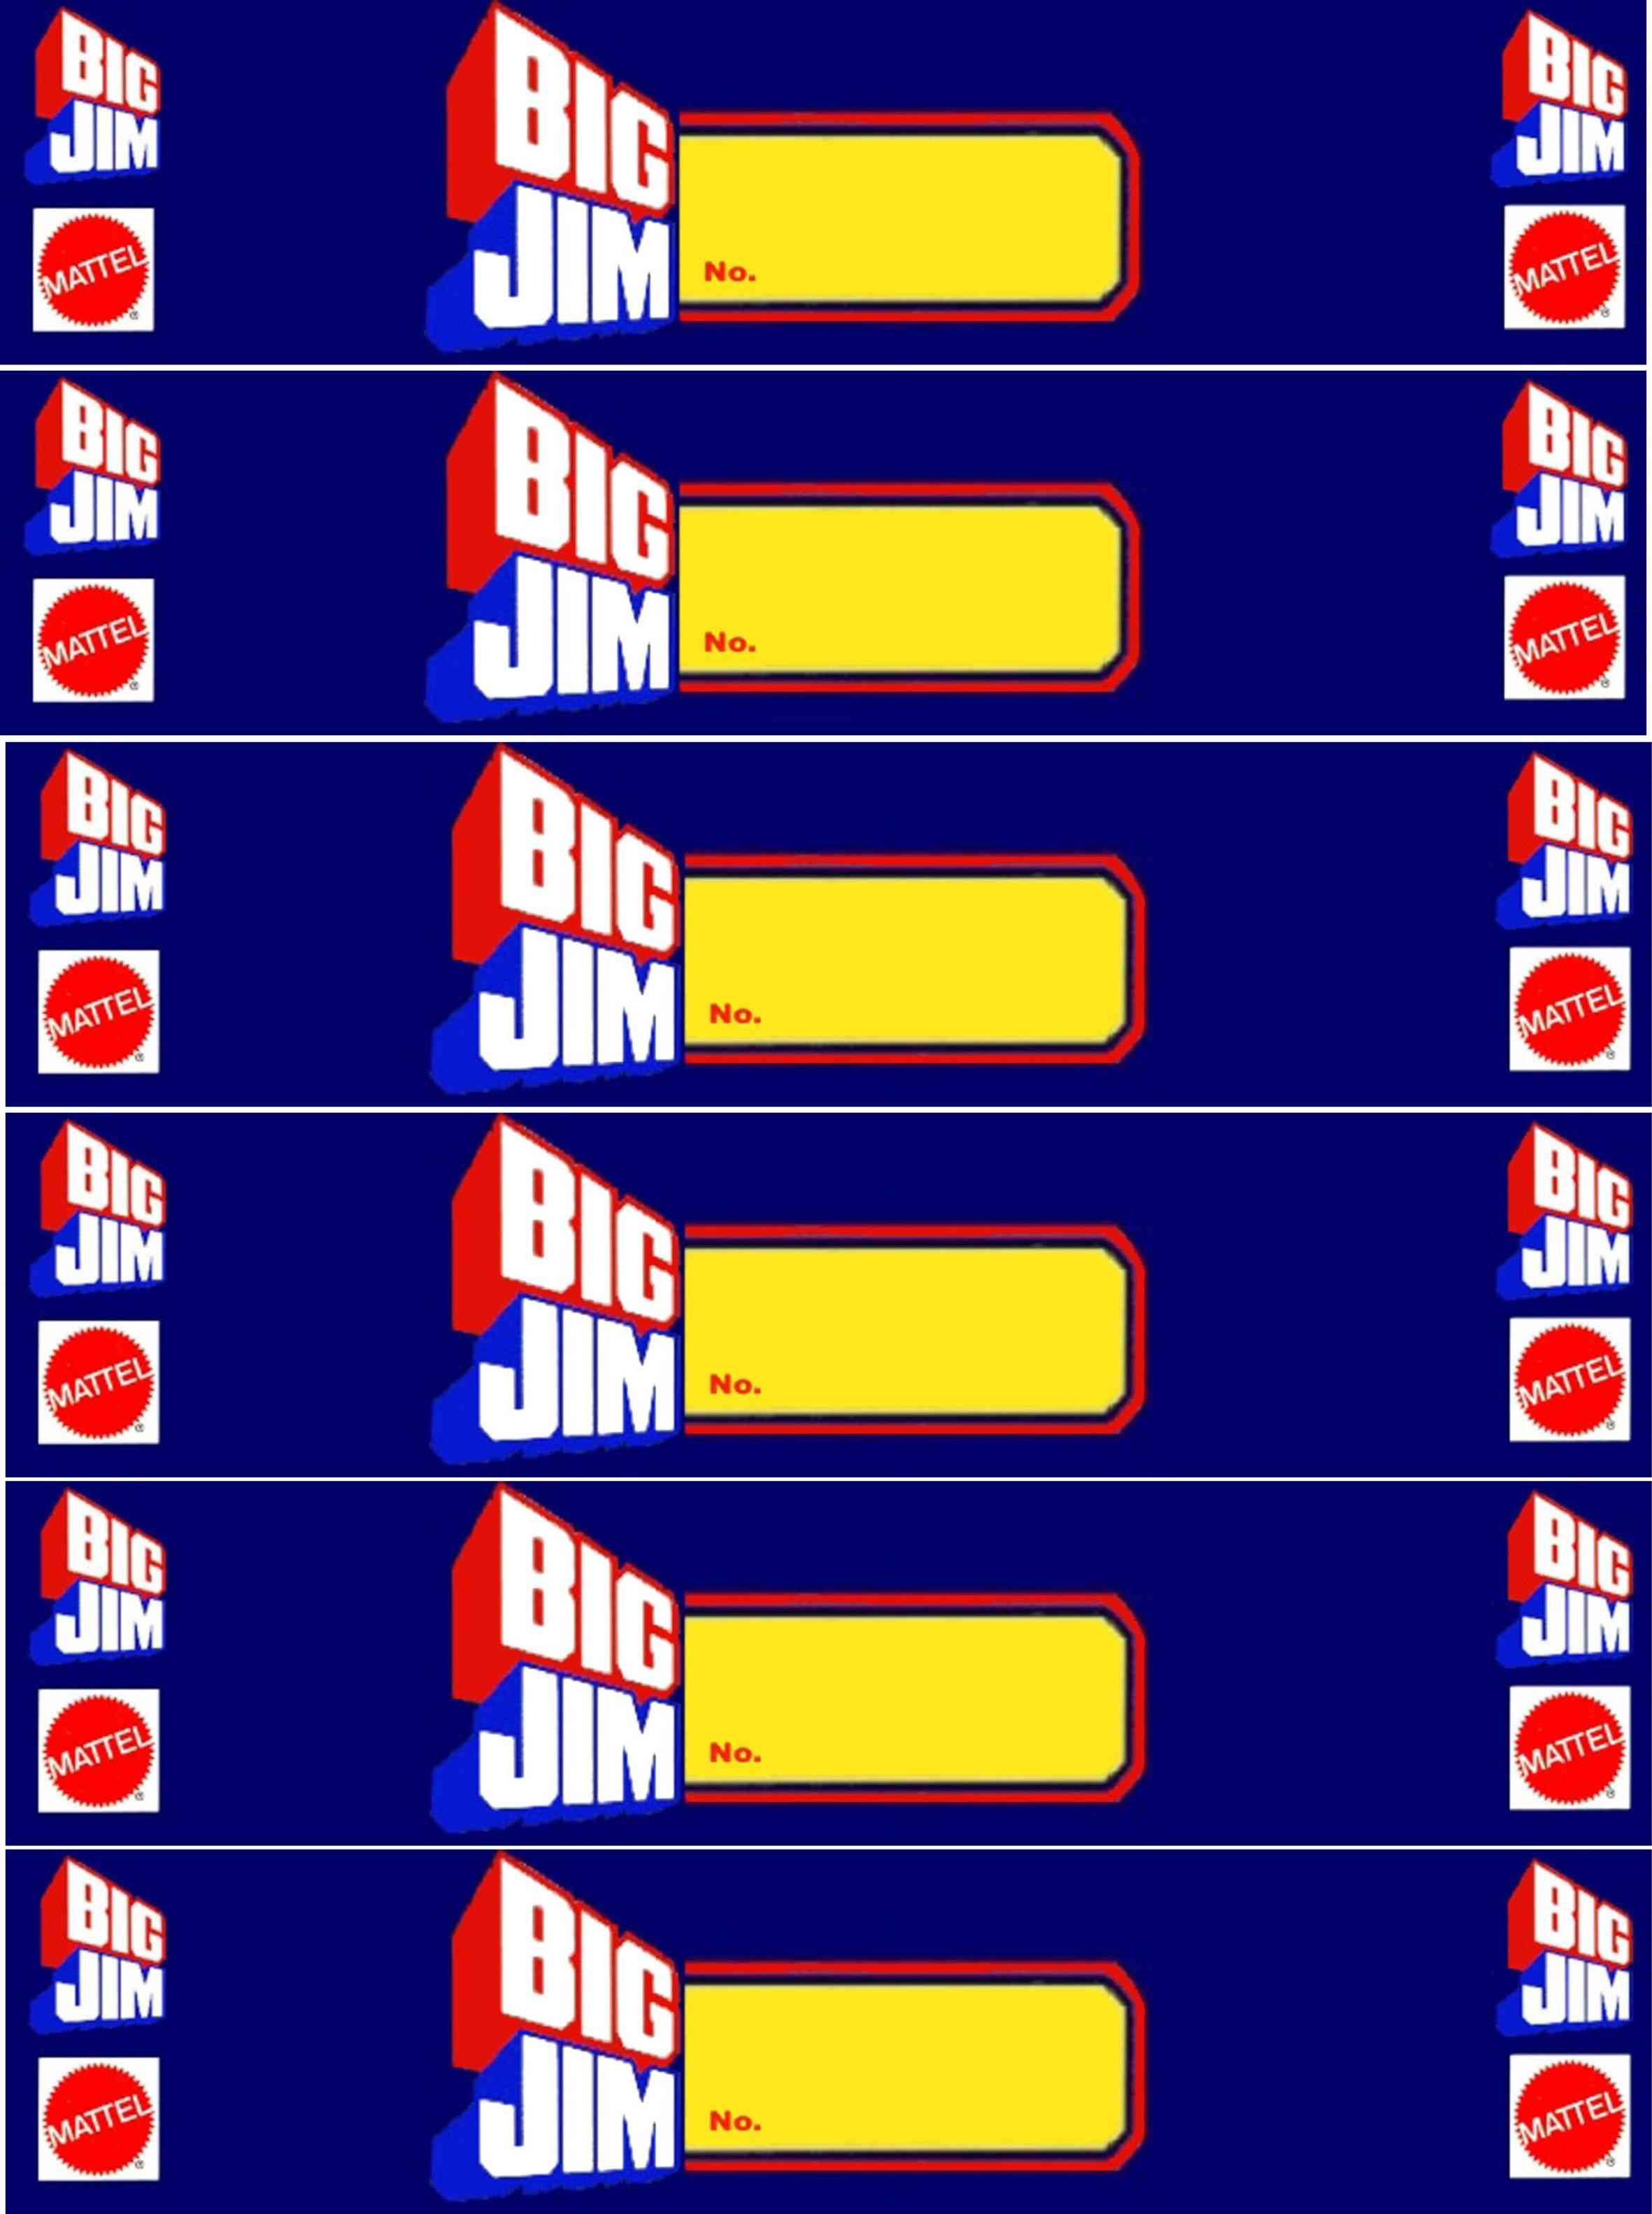 etichette creazione fab jim per box trasparenti Bitmap11